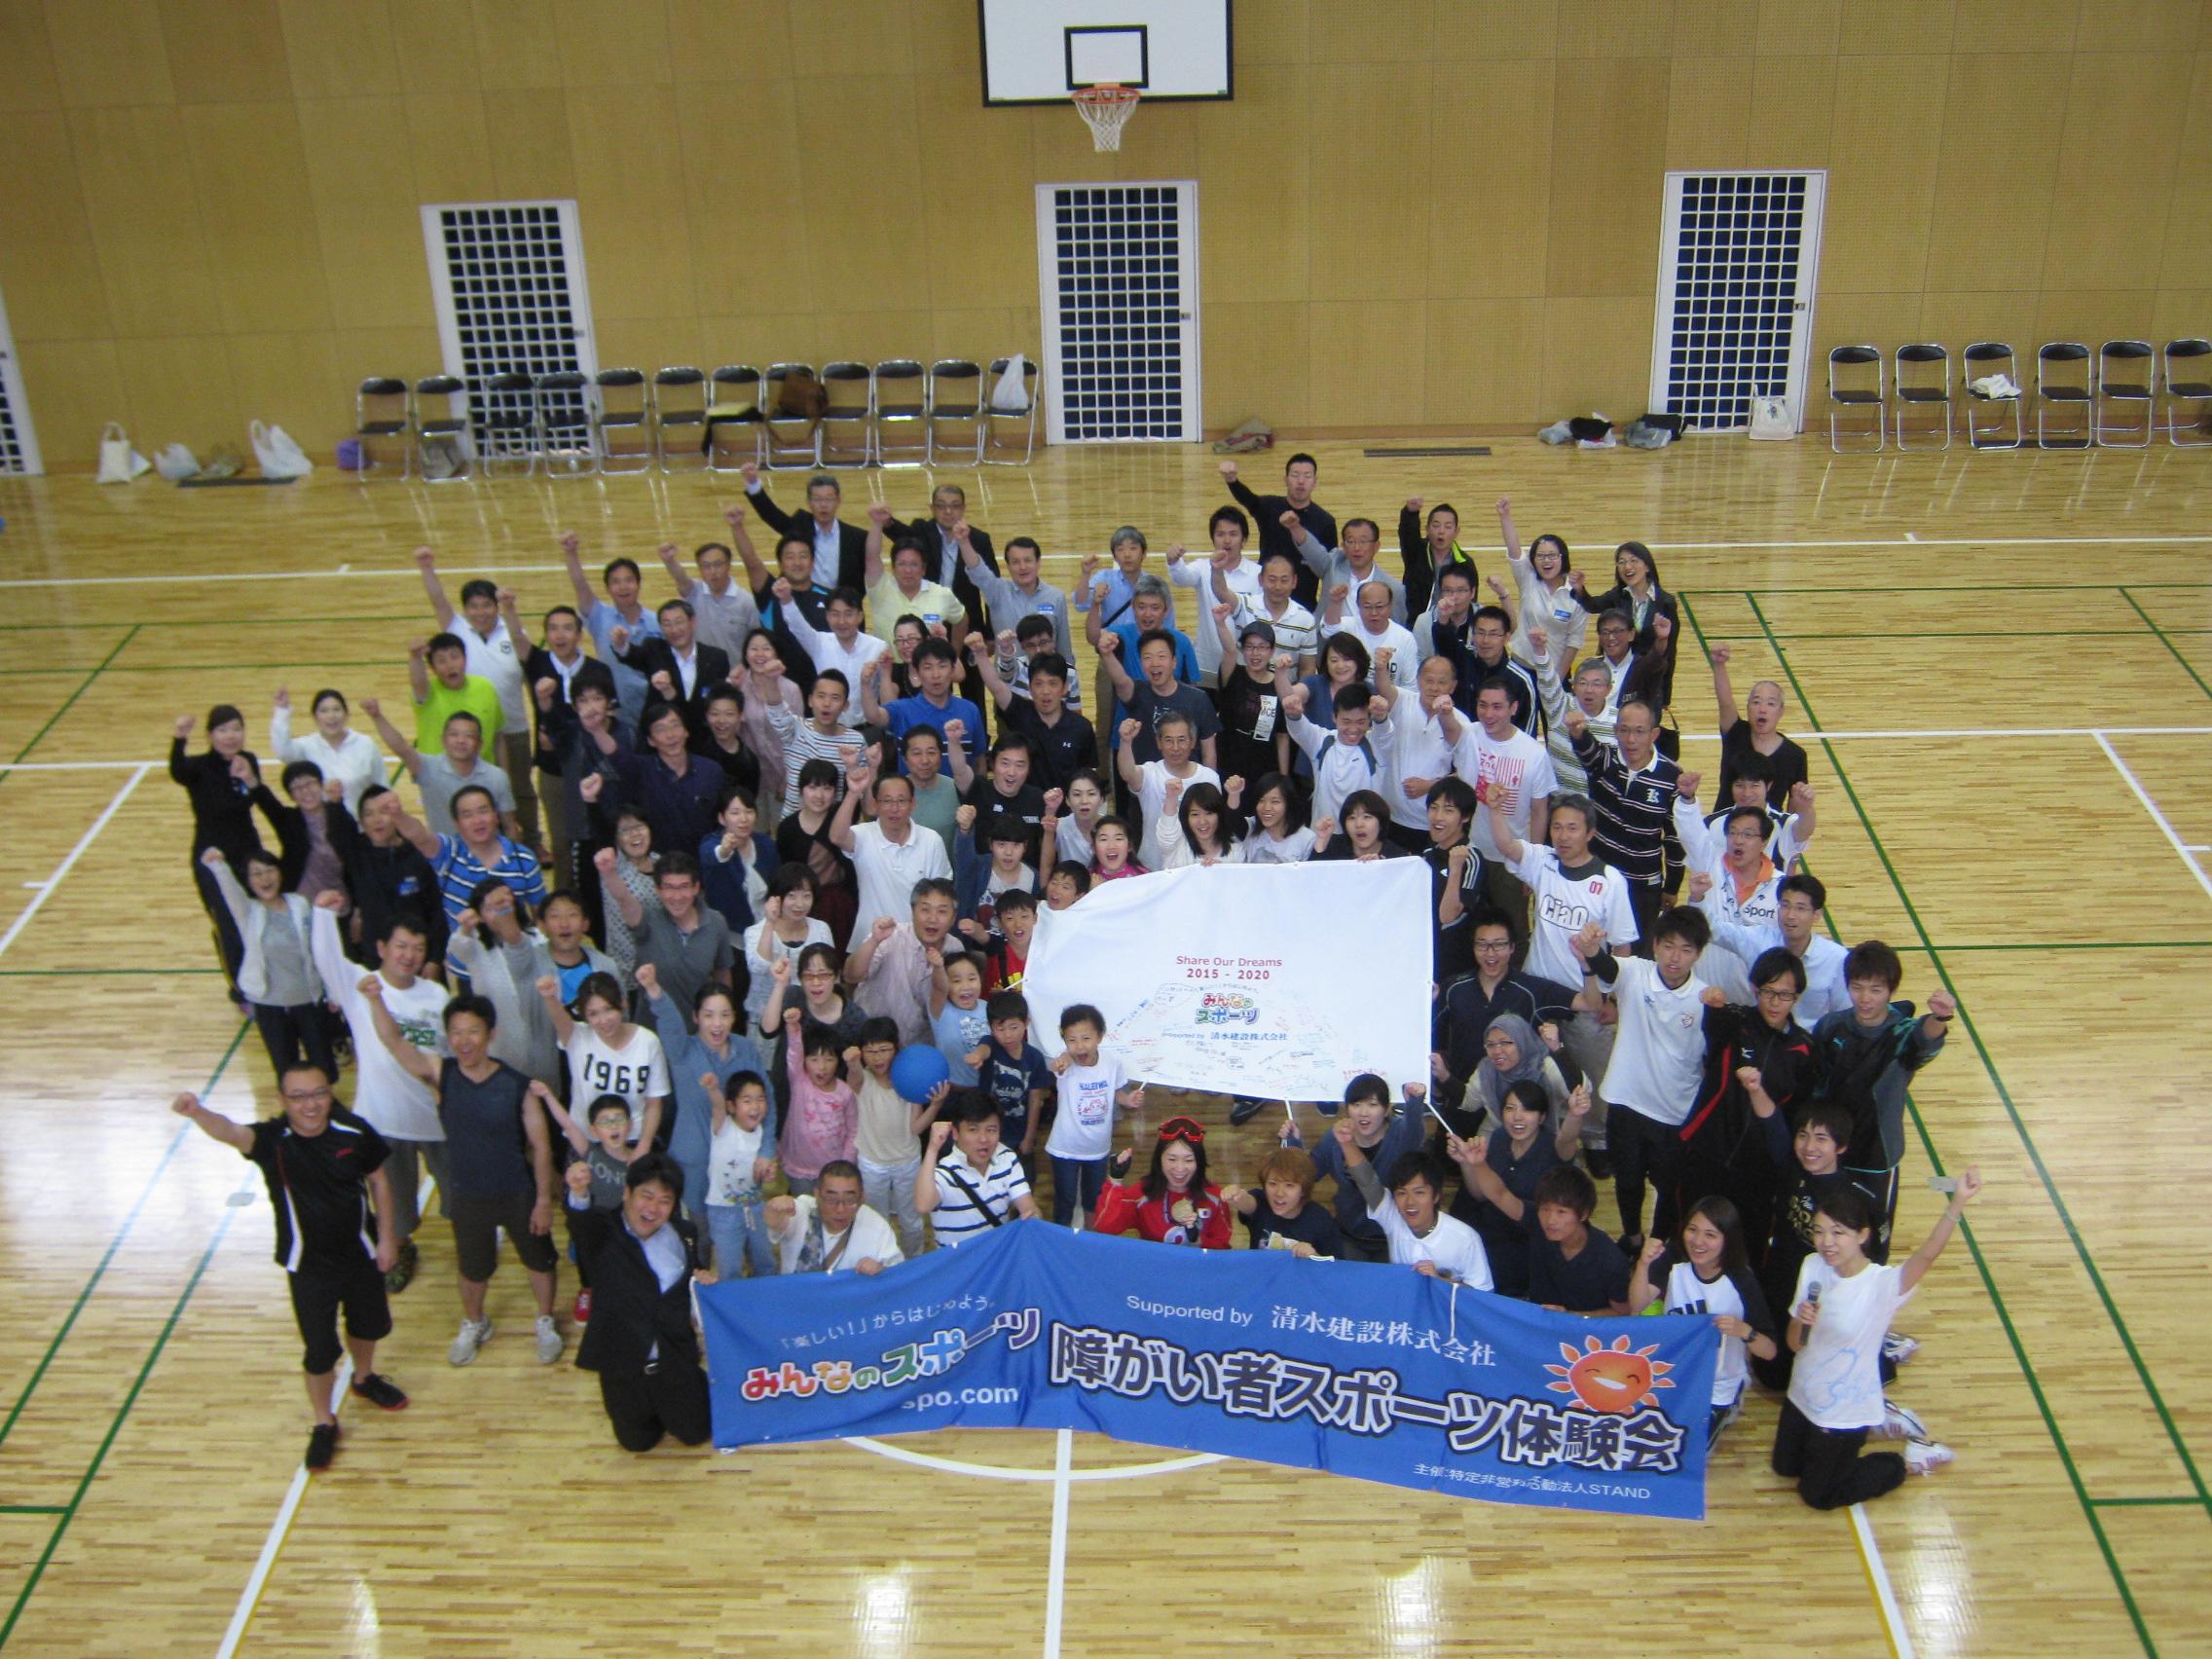 参加者全員で記念写真。笑顔でイベント終了。